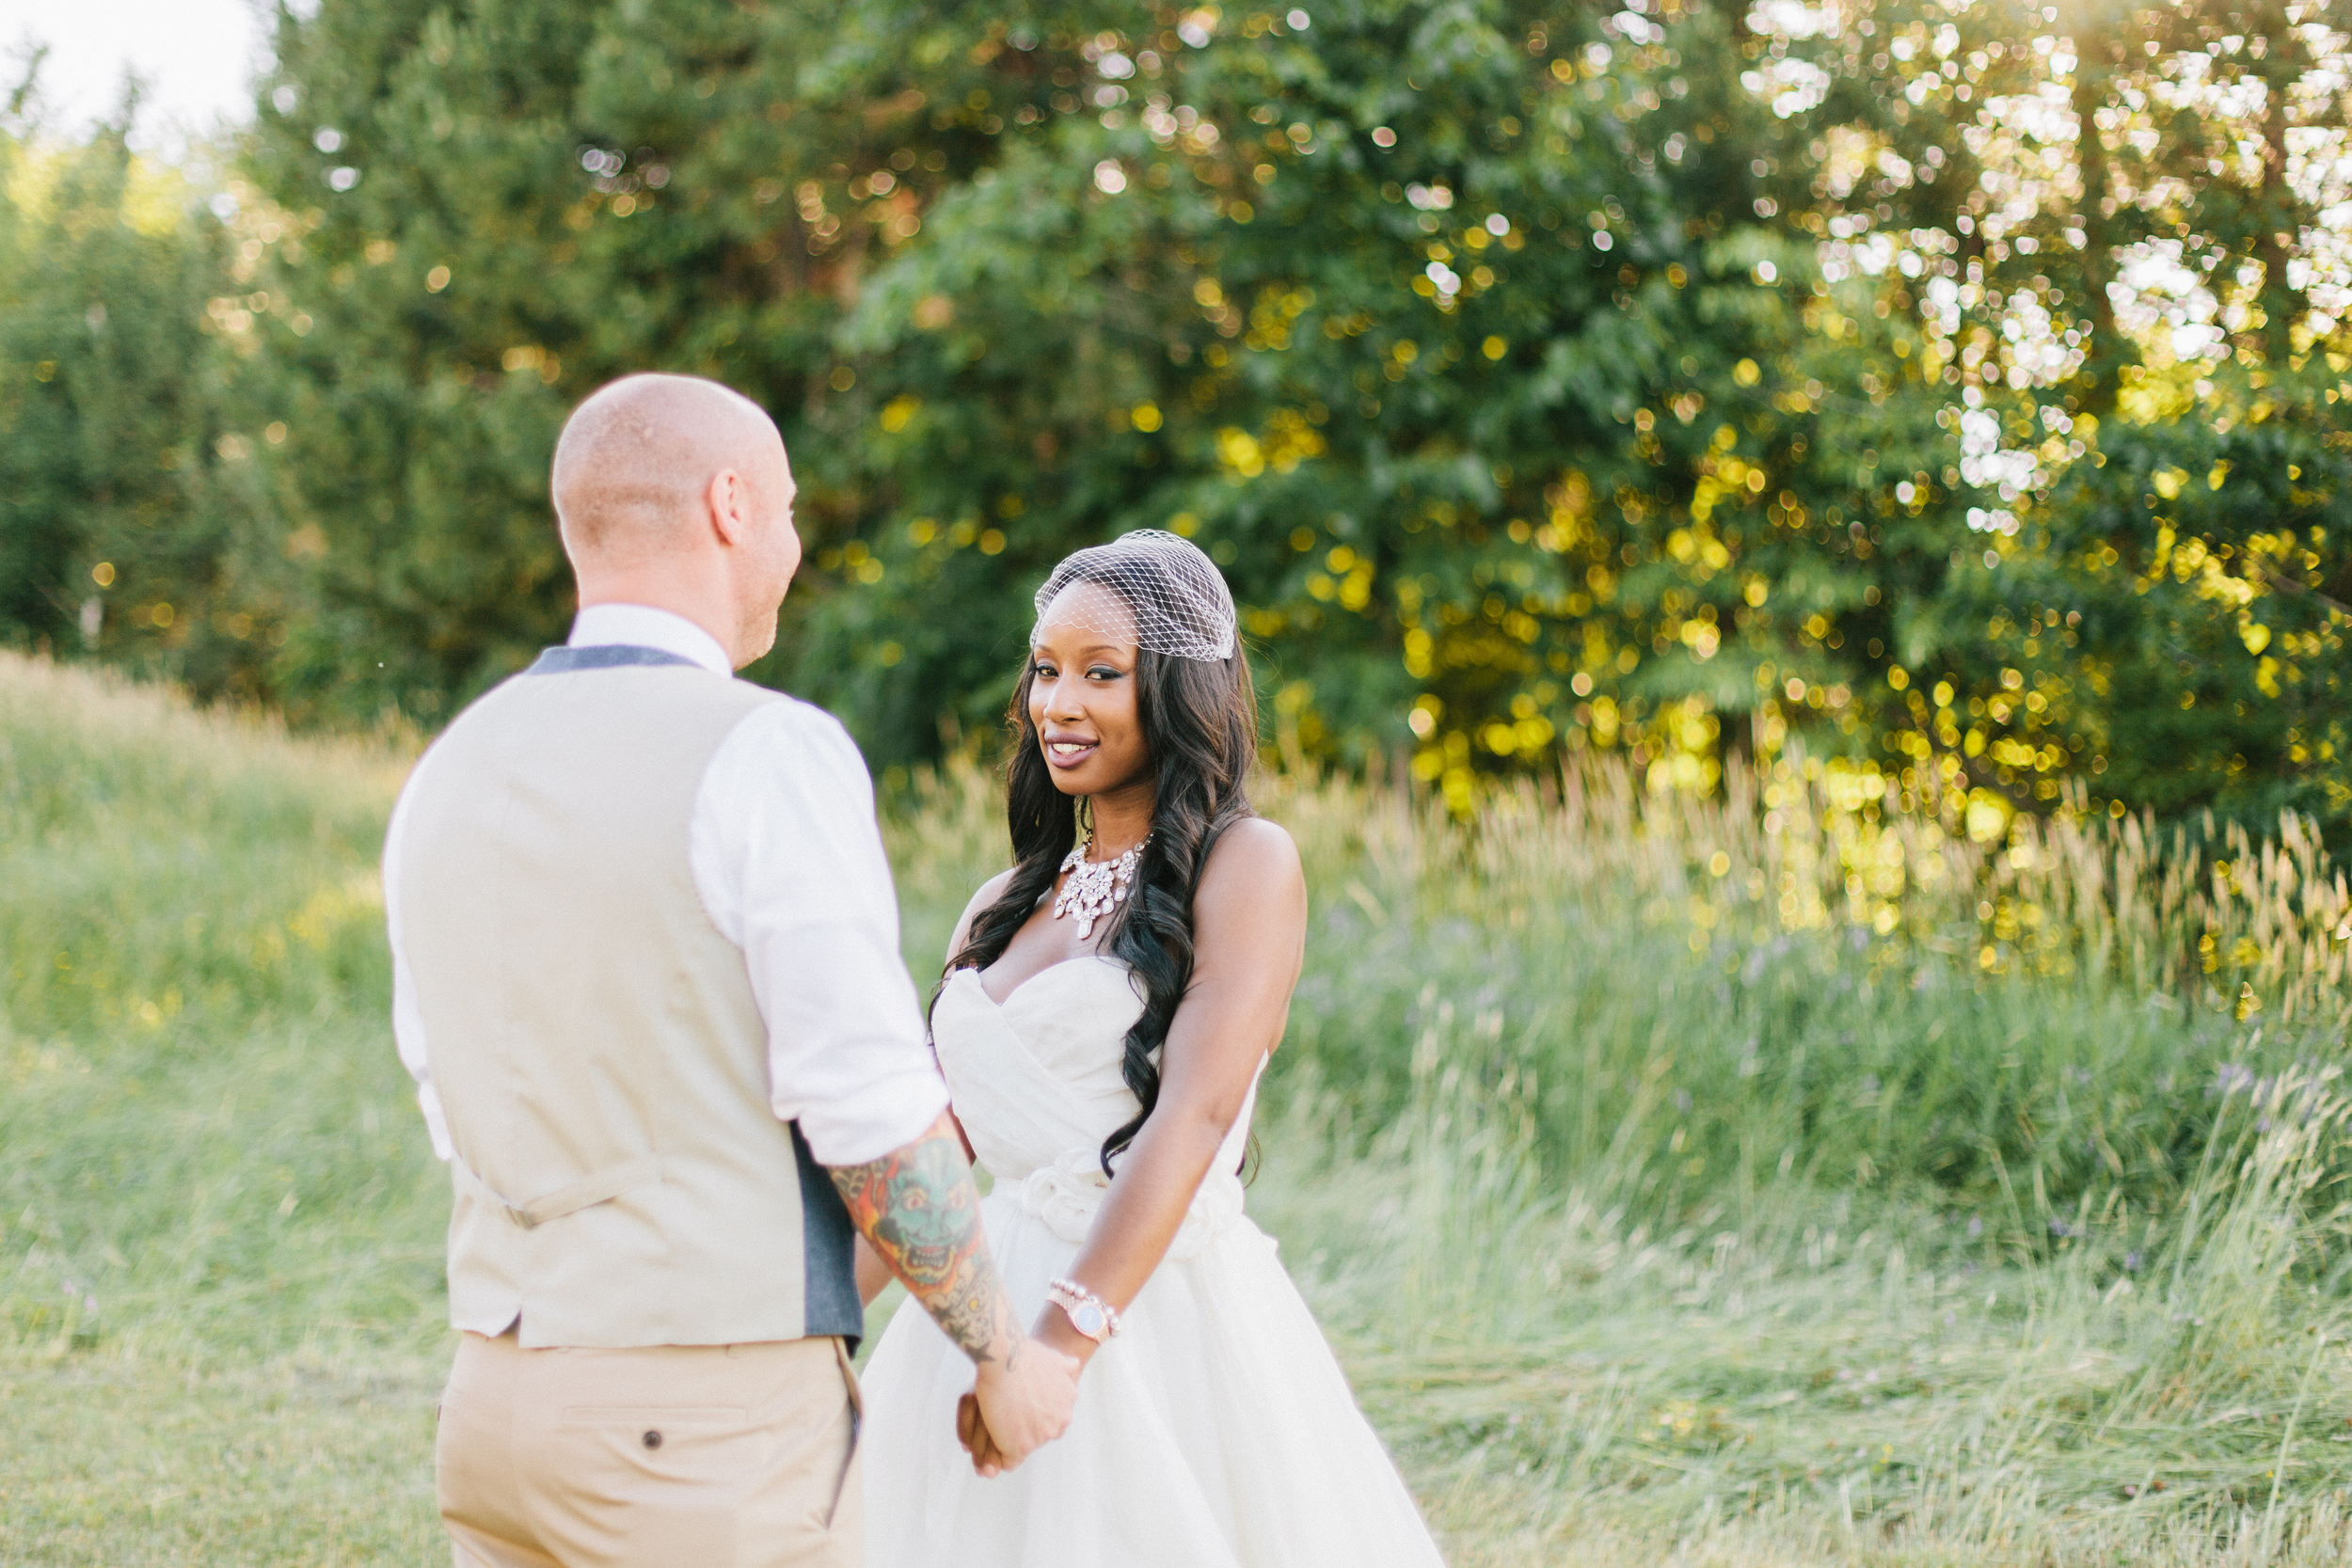 michael-rousseau-photography-shannae-ingleton-wedding-sean-craigleith-ski-club-wedding063.jpg